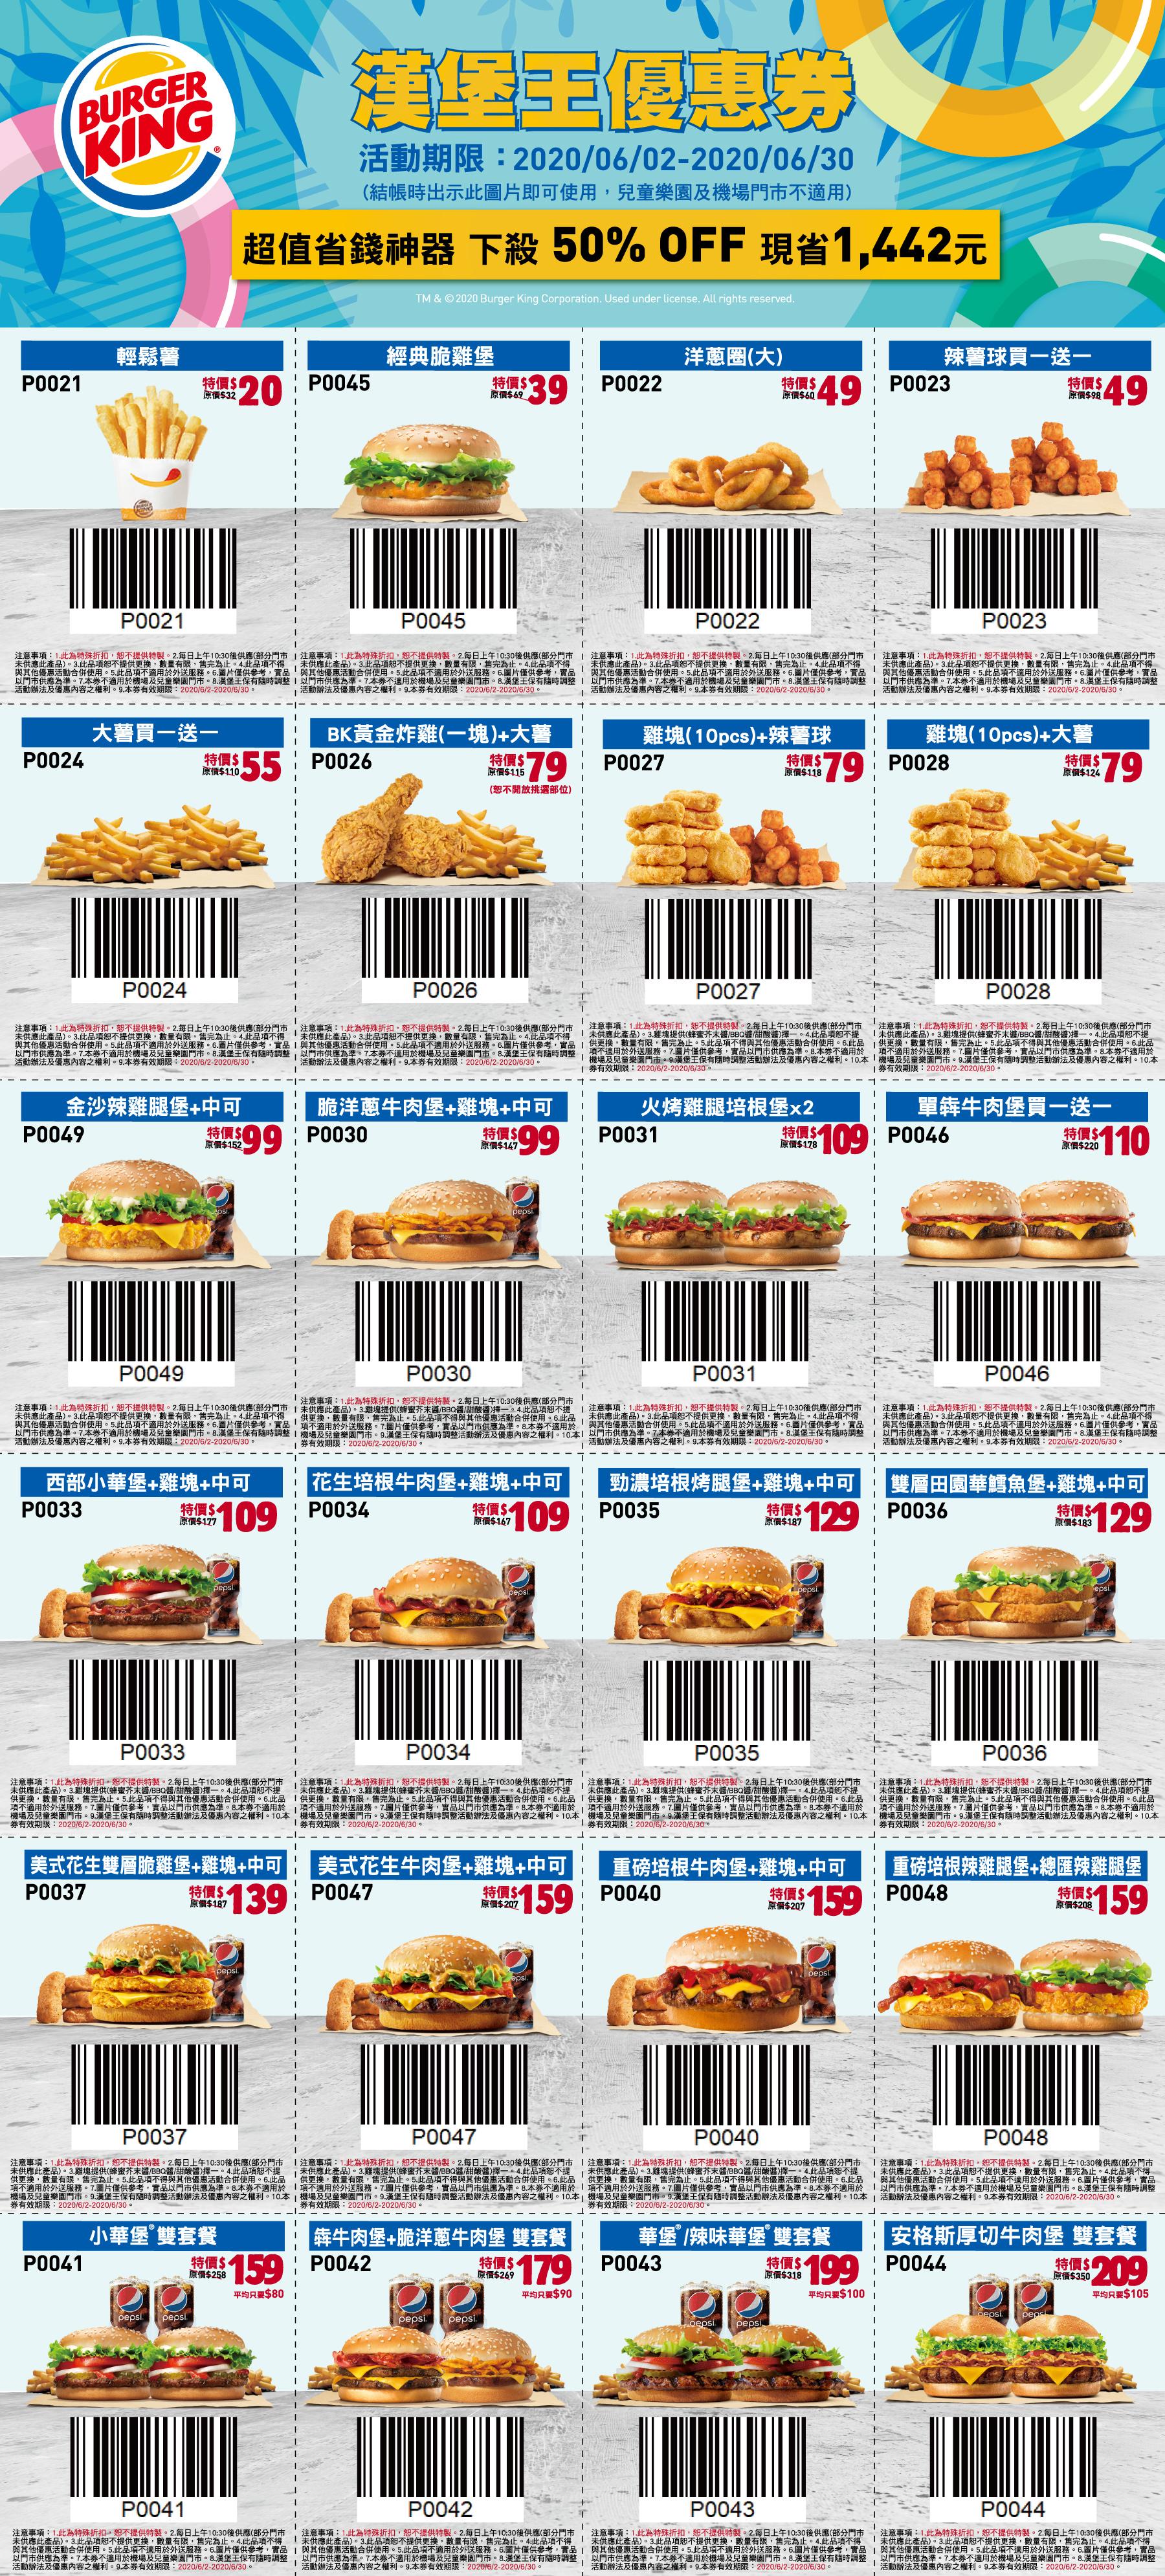 【漢堡王】6月優惠券,最高折抵50%OFF,現省1442元